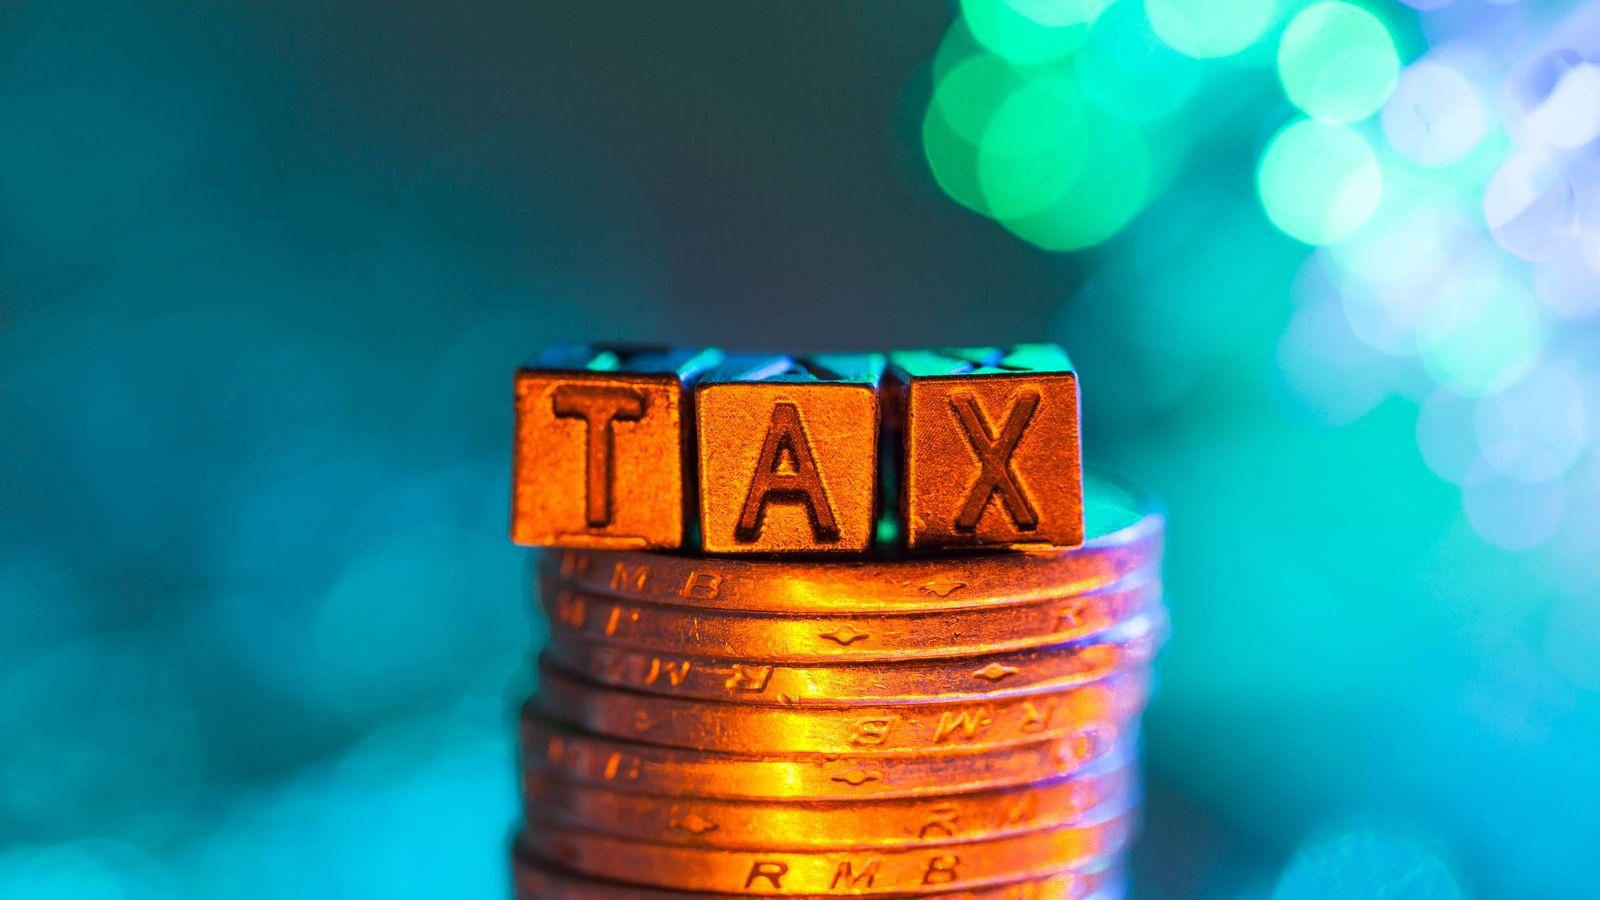 このタイミングで消費増税は「危険な賭け」だ 民間の消費が減少するのはほぼ確実